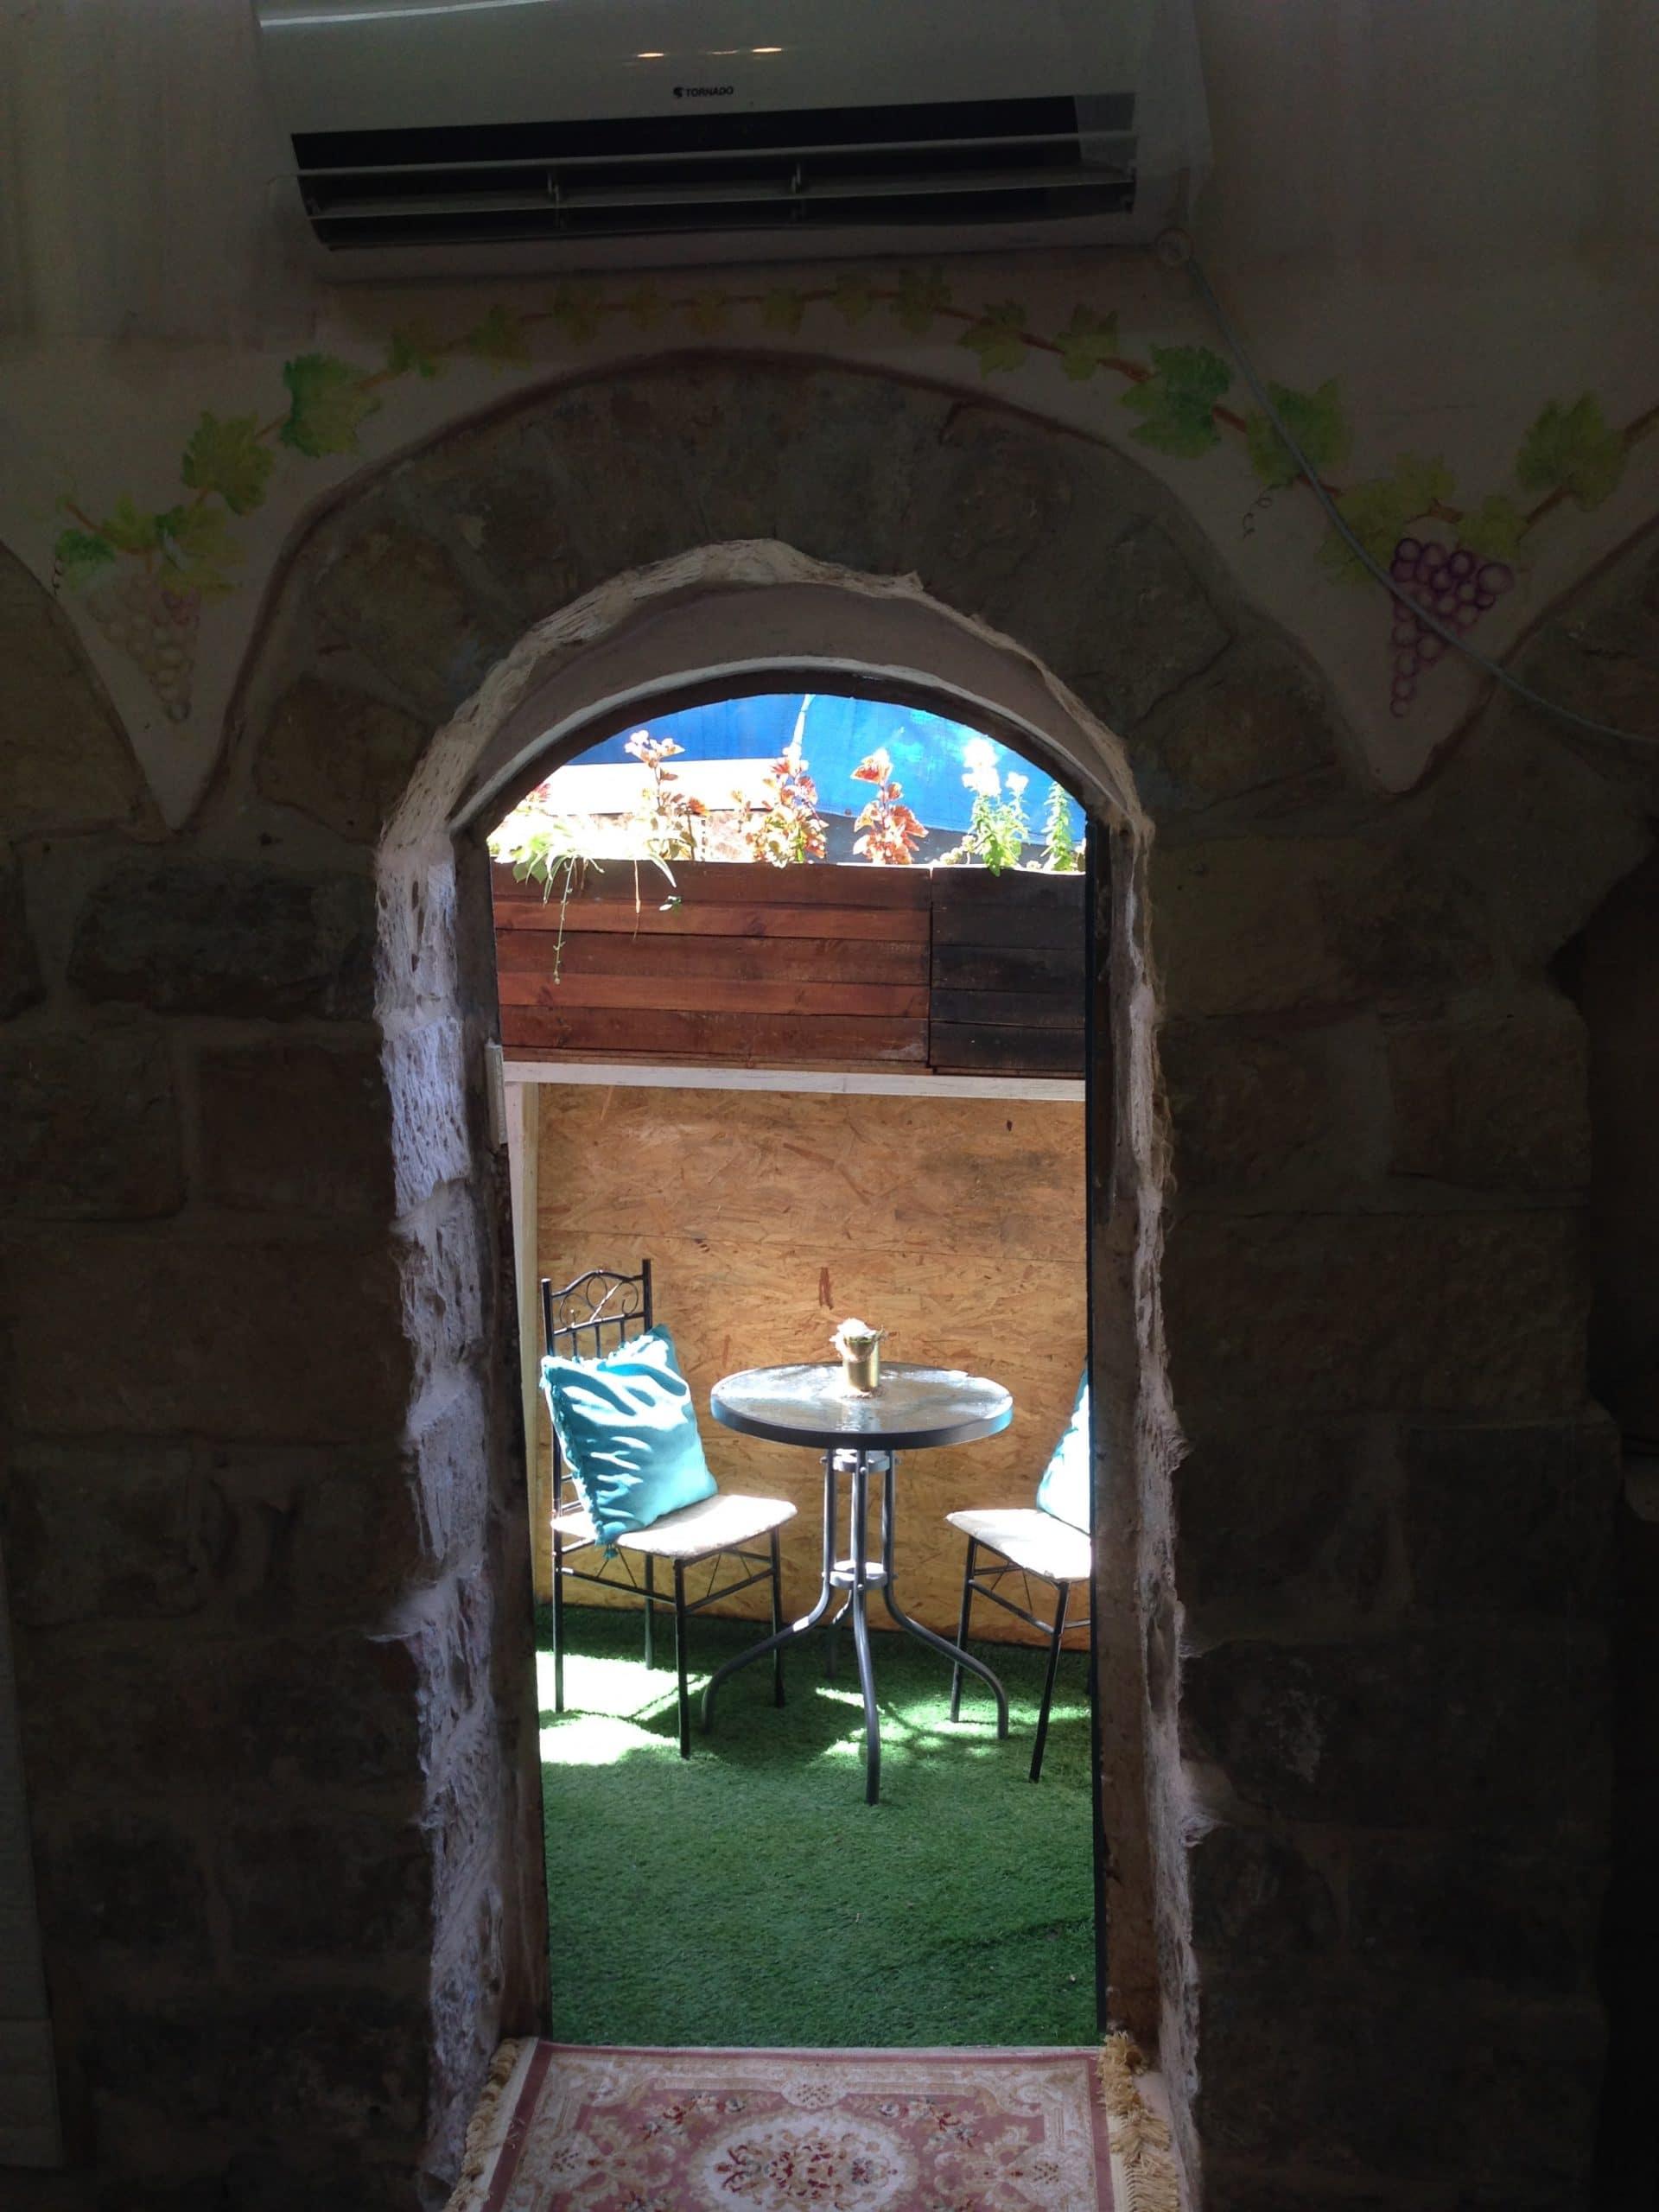 'צבאן בעתיקה' לוקחת אתכם למסע אל תוך קרביה של העיר הגלילית המקודשת. דירת הנופש שוכנת במבנה אבן עתיק במרכז צפת העתיקה, המספק לאורחיו הווי גלילי טיפוסי, שמחבר אתכם להיסטוריה של האזור בו דרו גדולי וחכמי ישראל בדורות עברו.